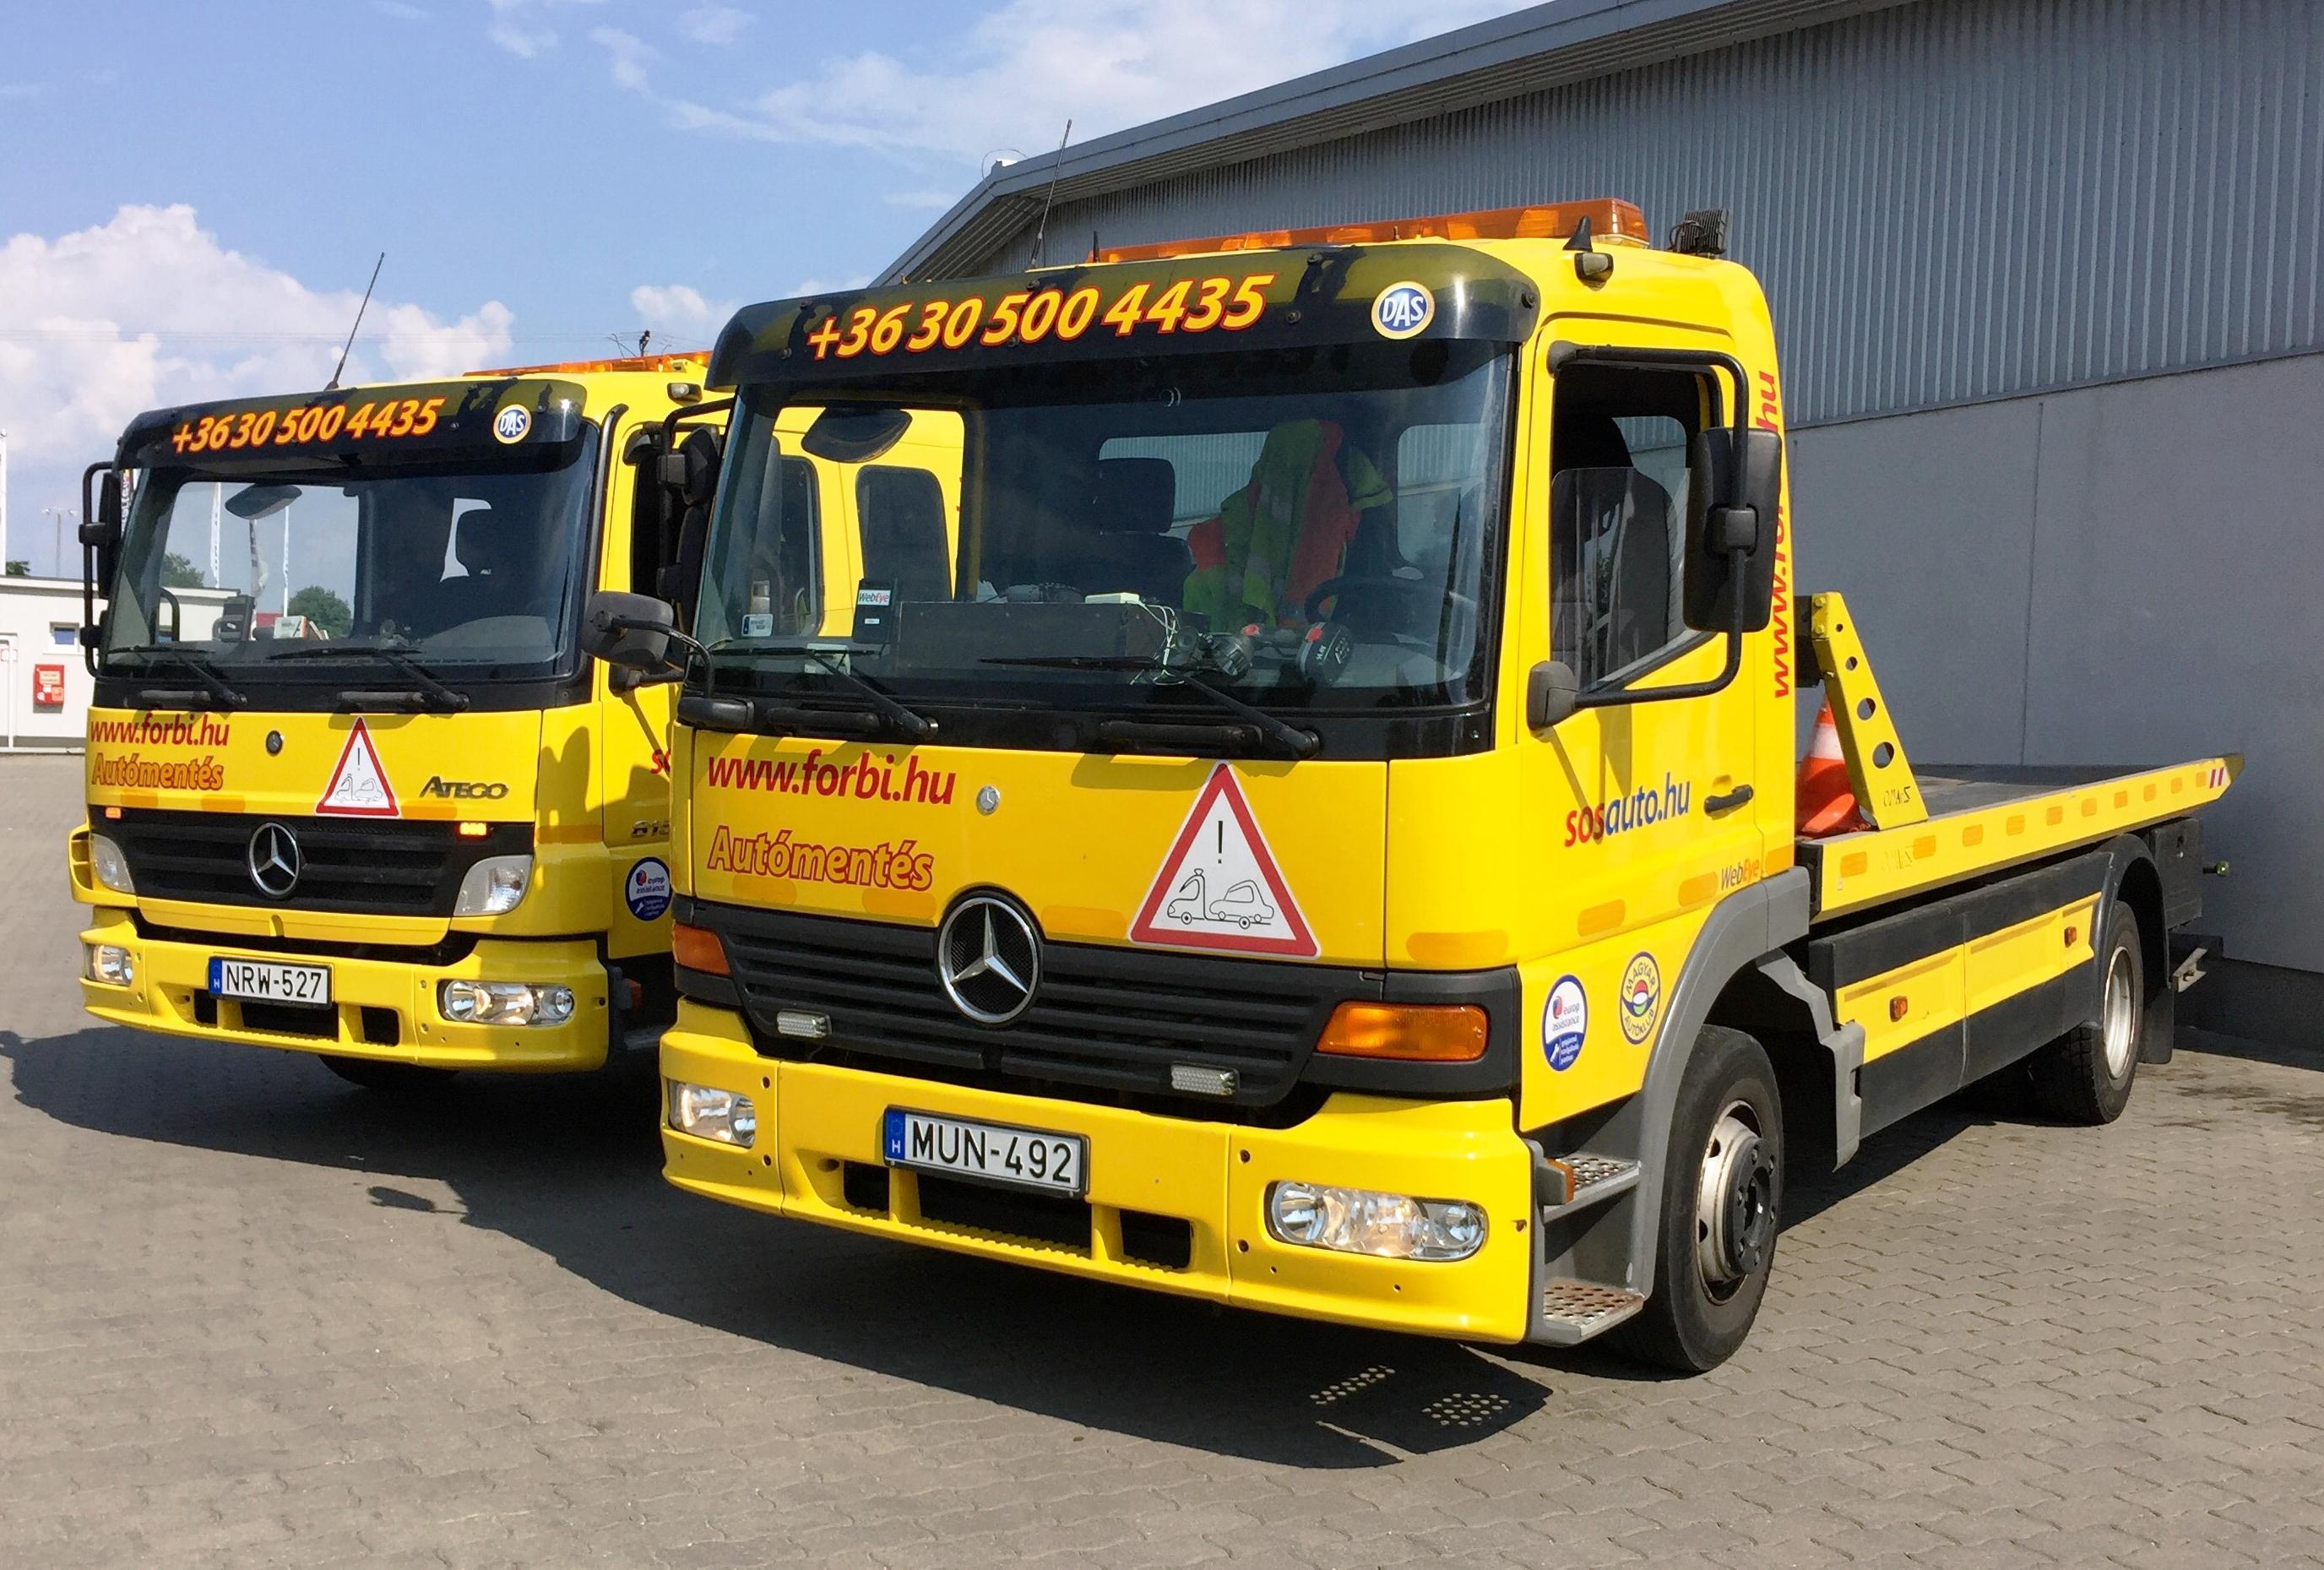 MUN-492 és NRW-527